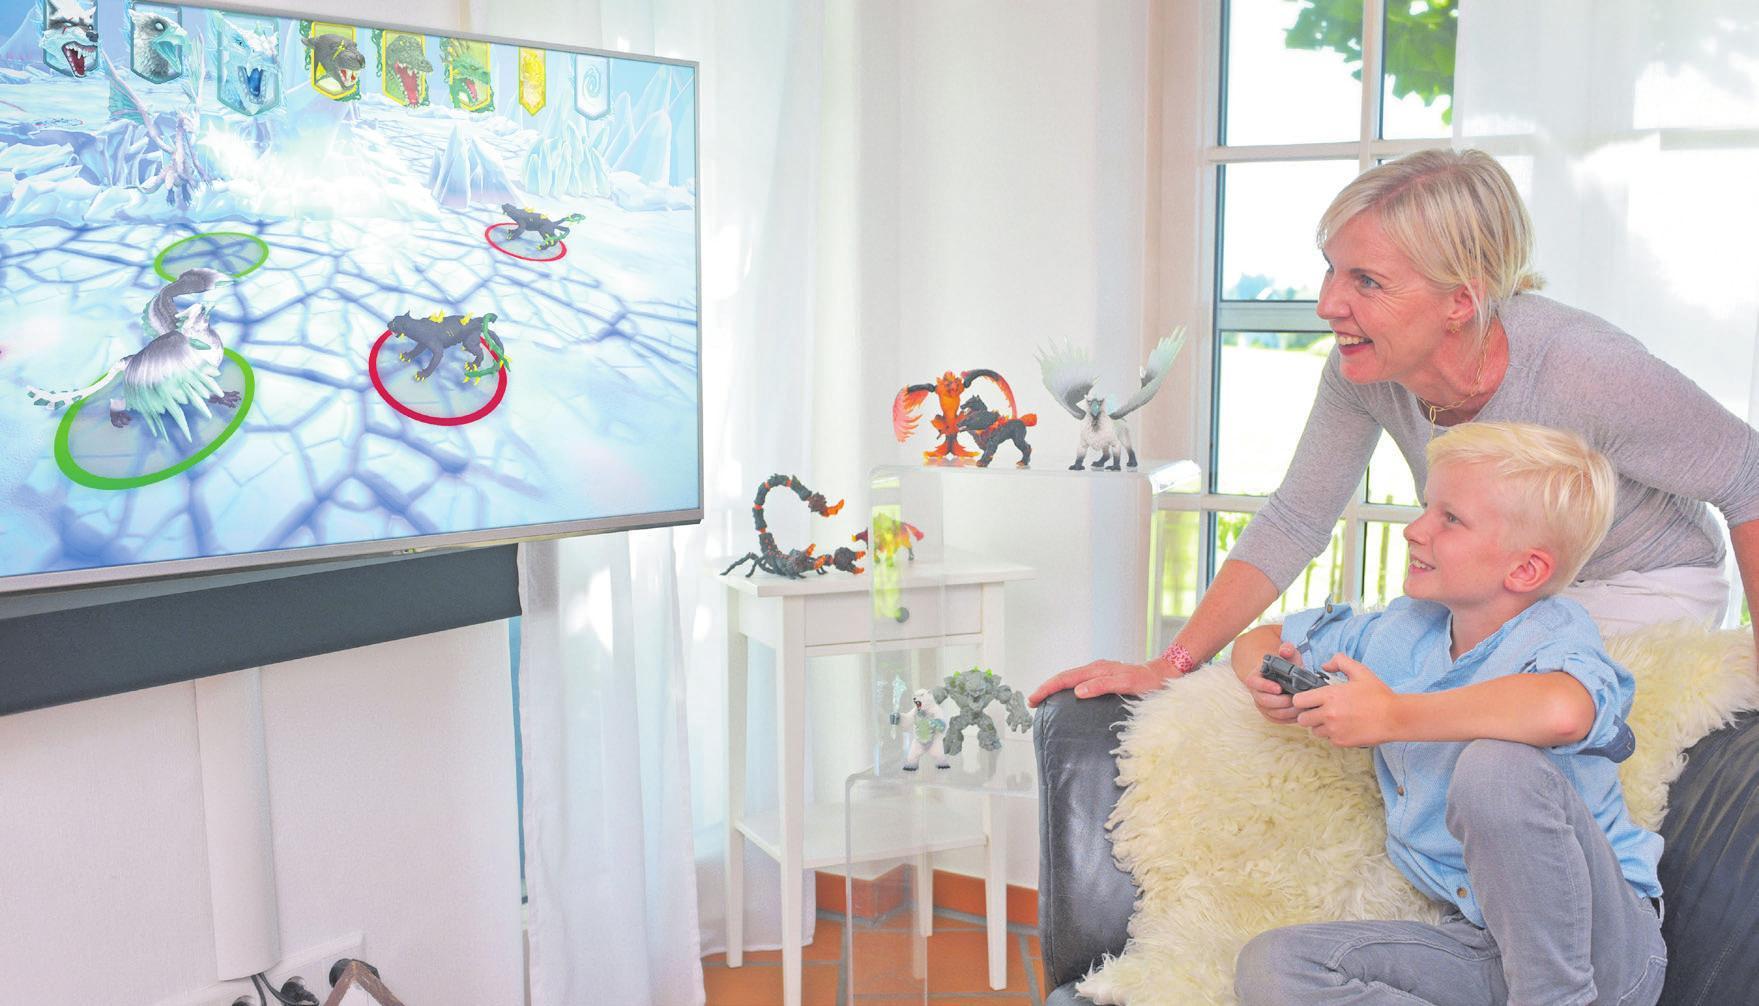 Fotos: djd/Pilot Pen, Bruder Spielwaren, Playmobil, Eldrador Creatures, winningmoves.de